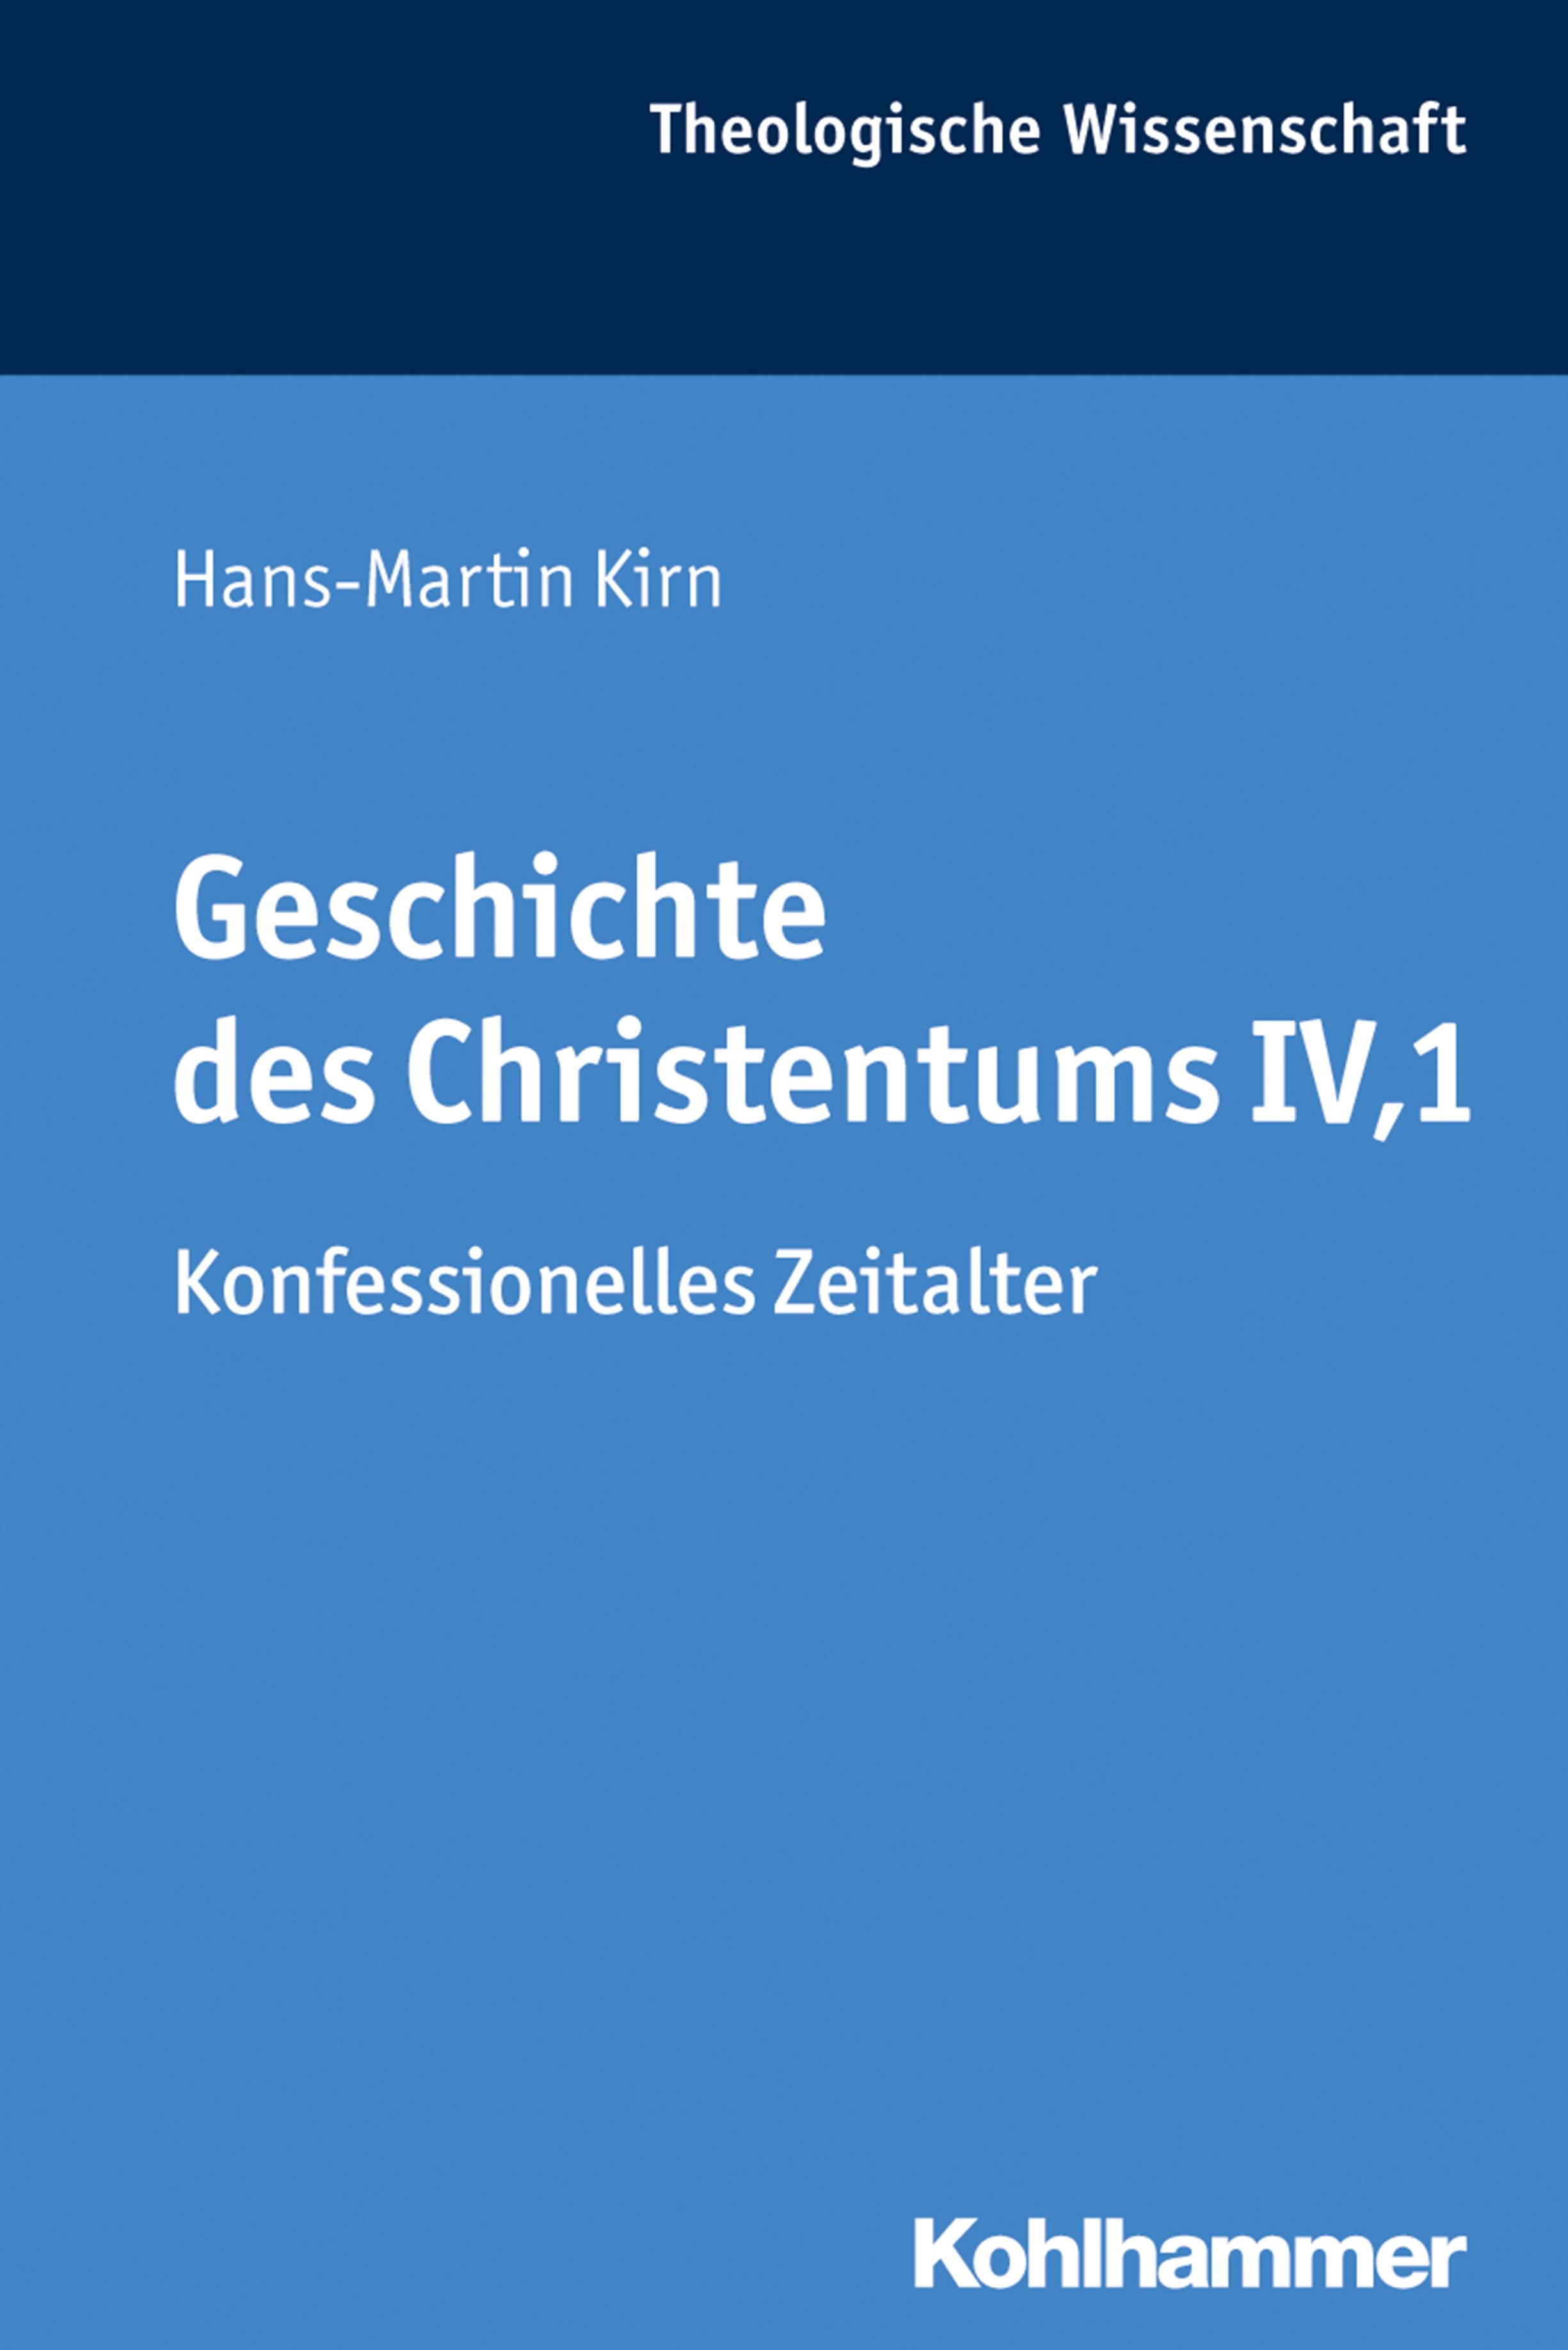 Hans-Martin Kirn Geschichte des Christentums IV,1 august neander denkwurdigkeiten aus der geschichte des christentums und des christlichen lebens volumes 2 3 german edition